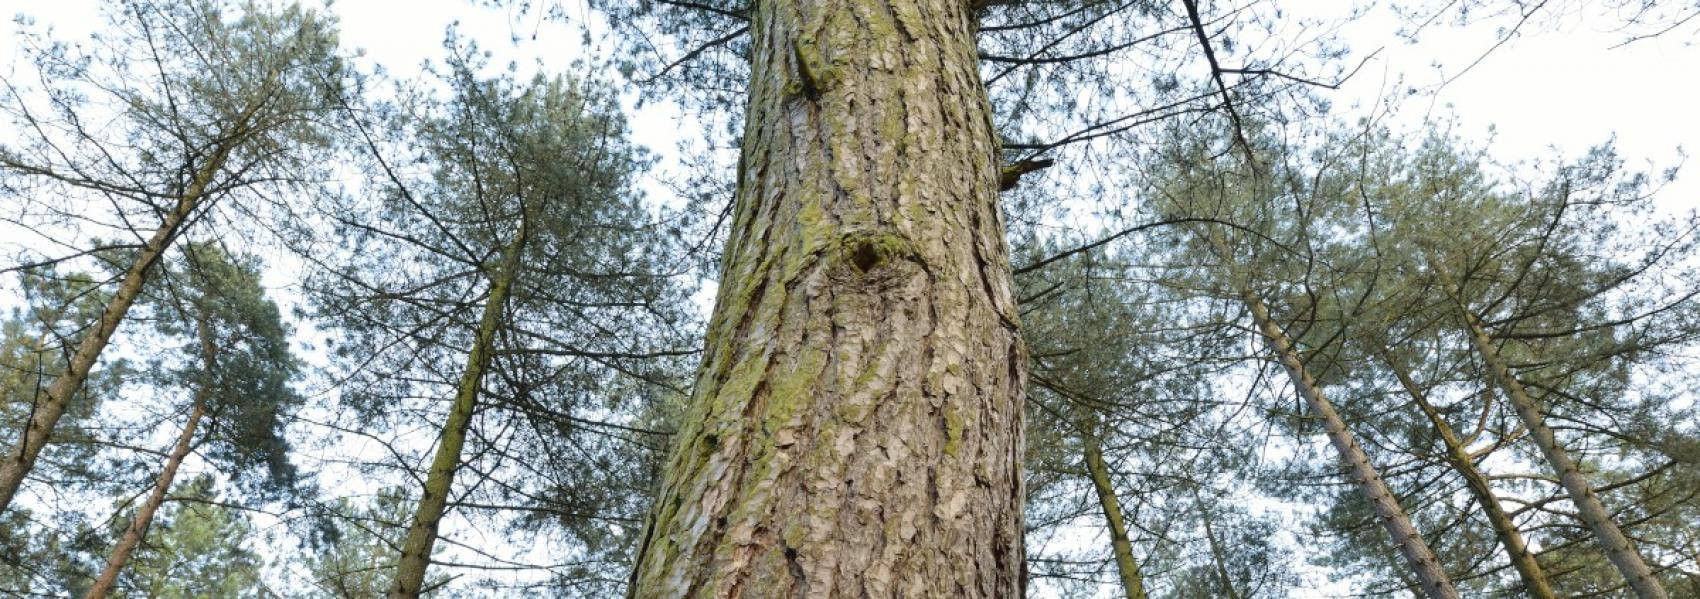 groep bomen van onderen gezien